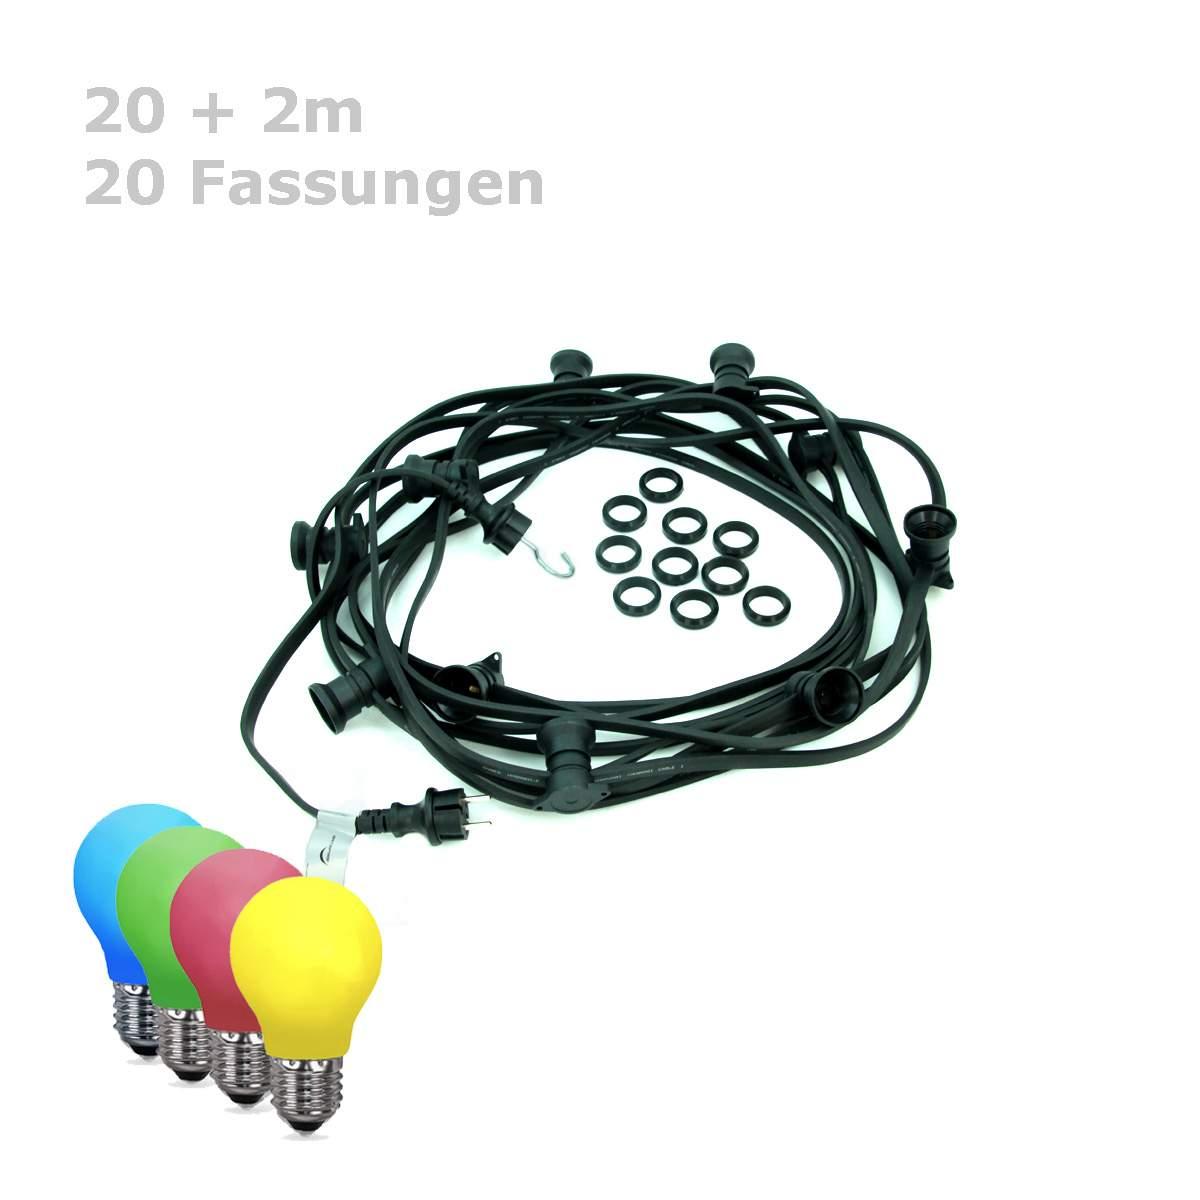 illu lichterkette aussen satisfire bunte 1W tropfenlampen 20meter 20fassungen